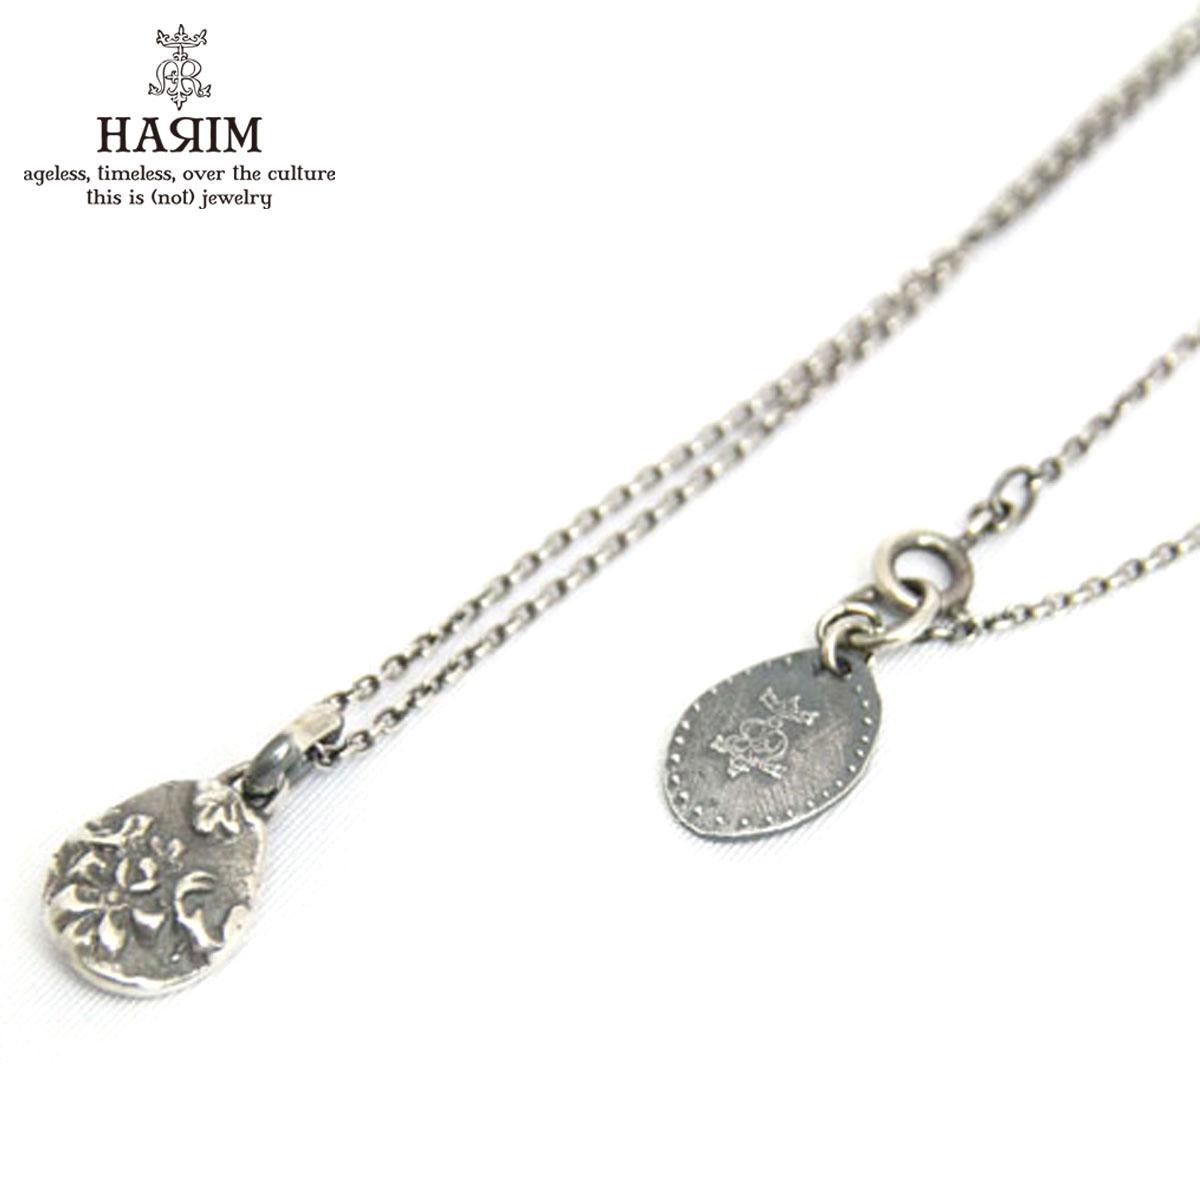 ハリム HARIM 正規販売店 ネックレス HARIM ANCIENT FLOWER PENDANT NECKLACE HRP012SV